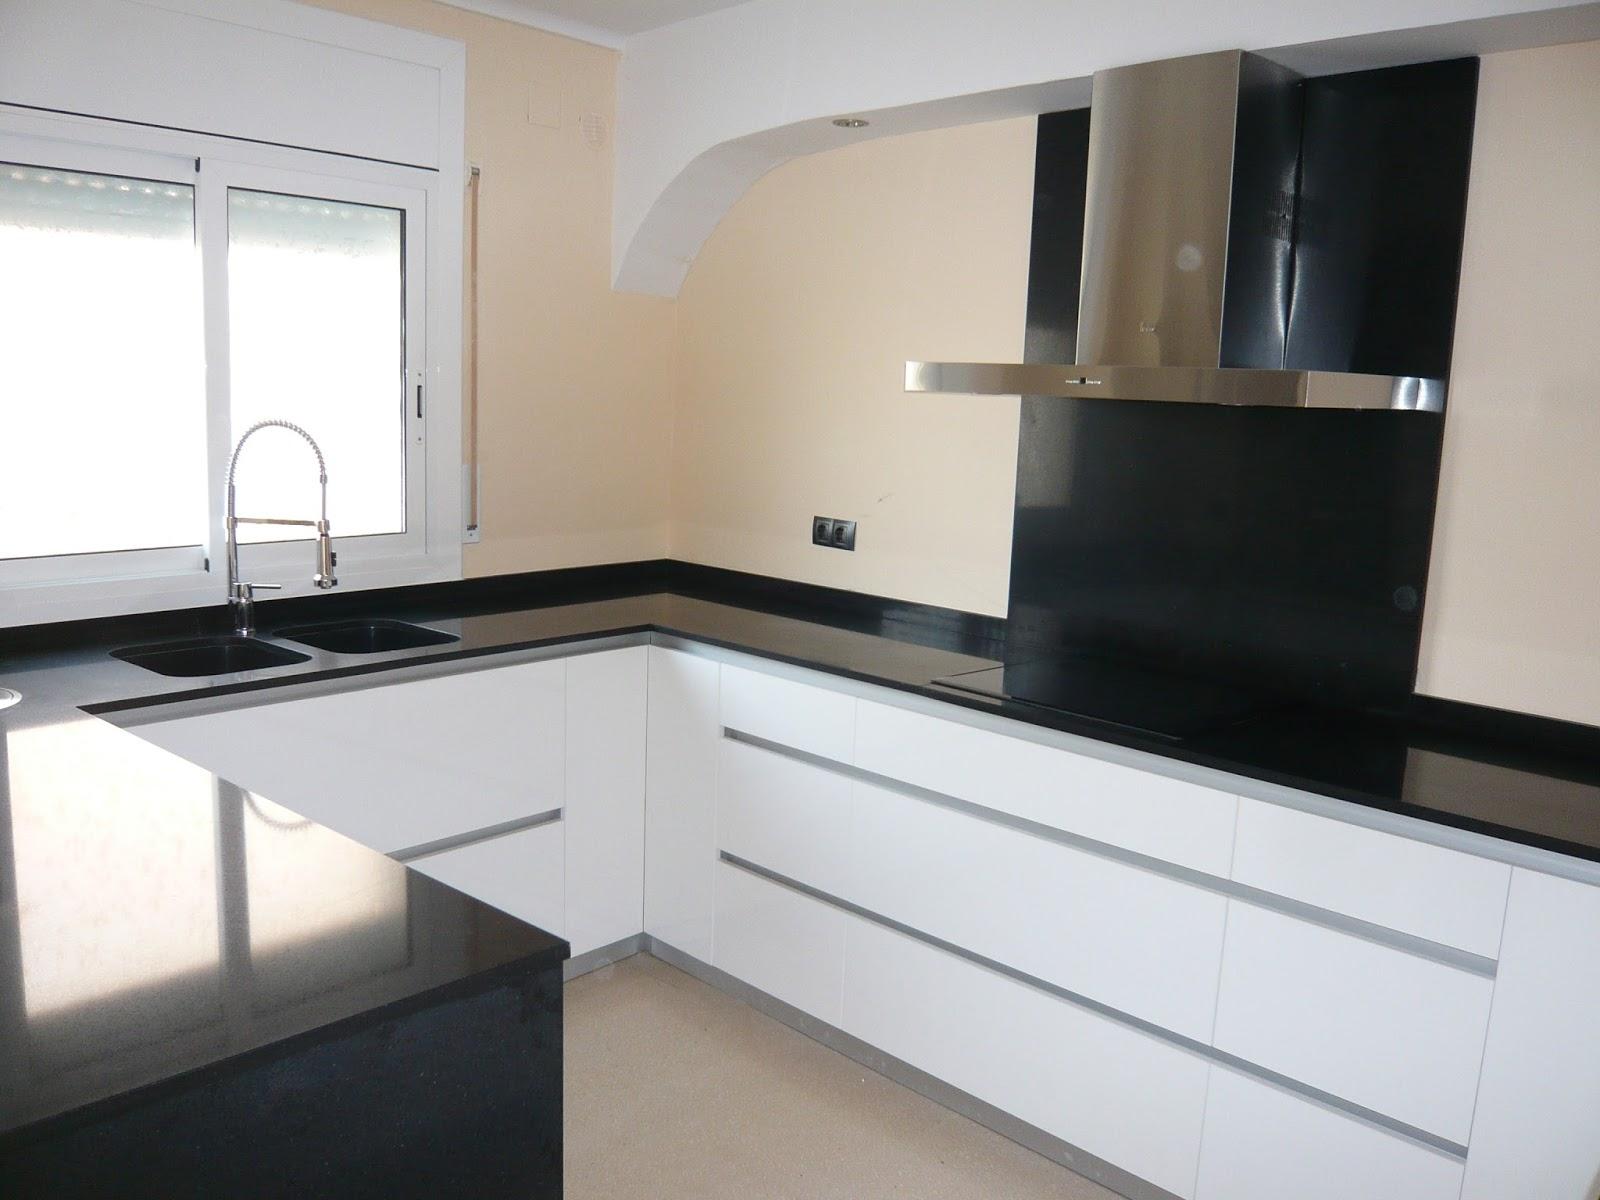 Reuscuina muebles de cocina sin tiradores con isla - Cocinas sin tiradores ...